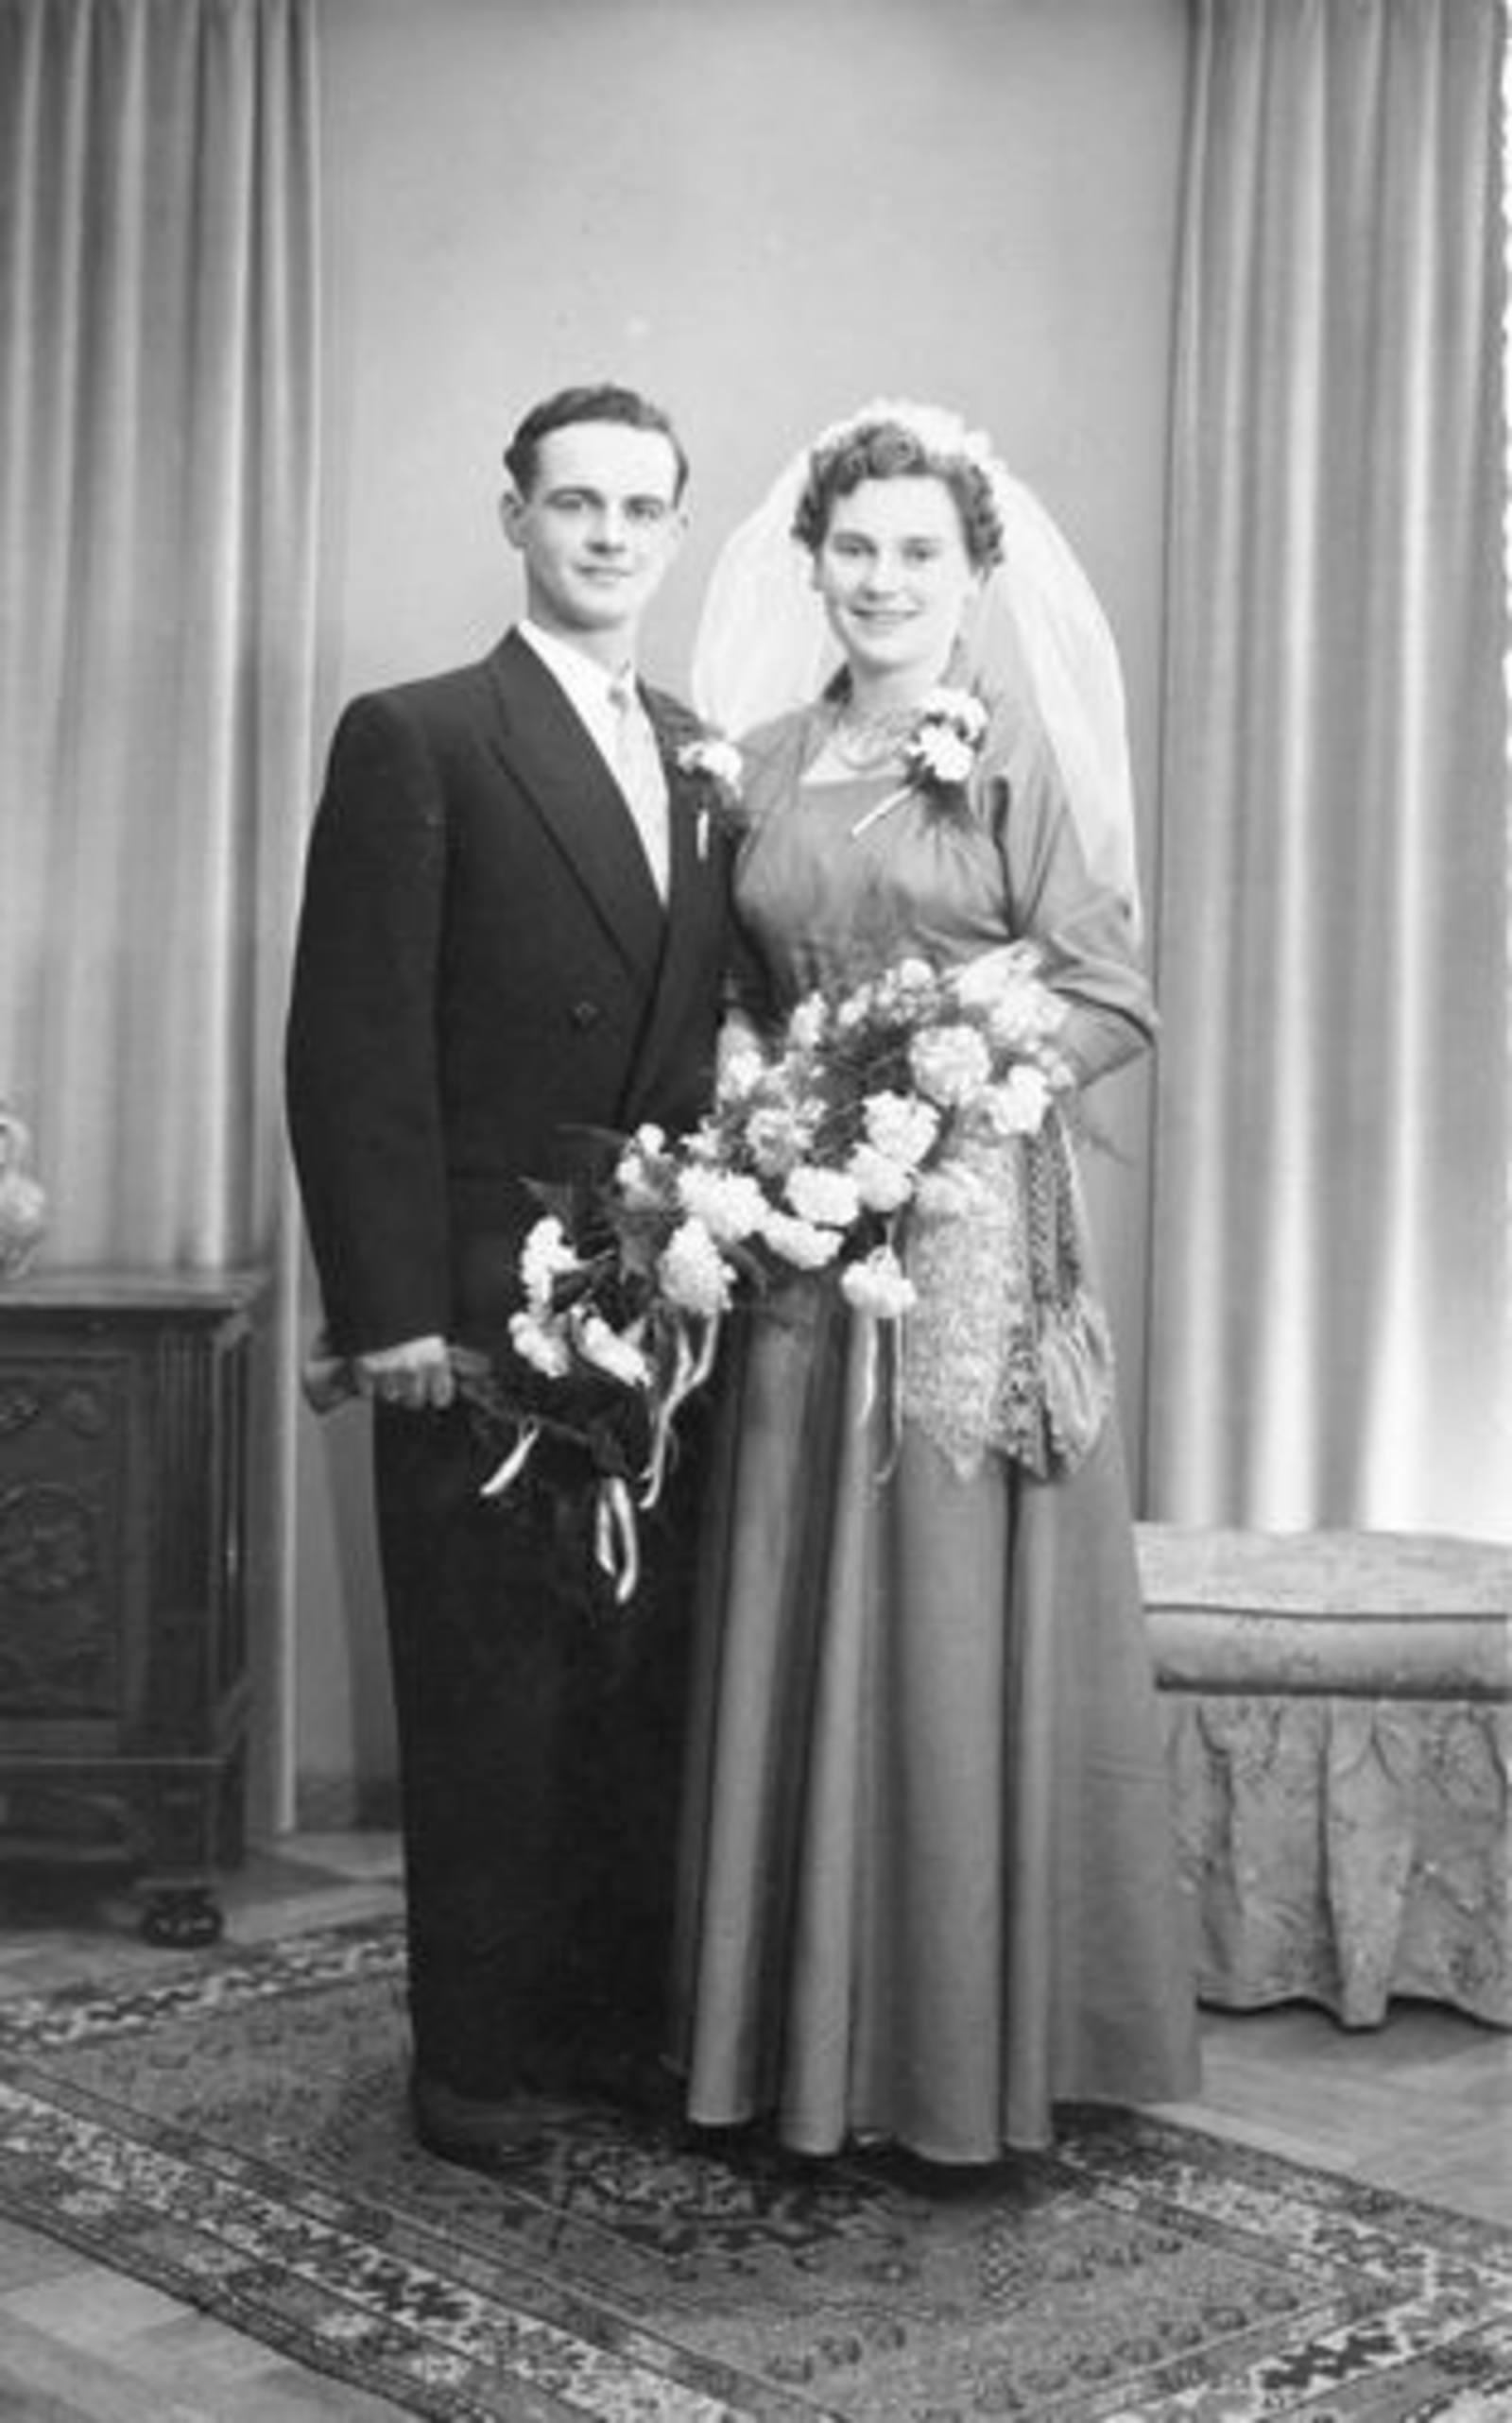 03 Wies Hill 1954 dochter Zus trouwt Renee Heyvaert 01